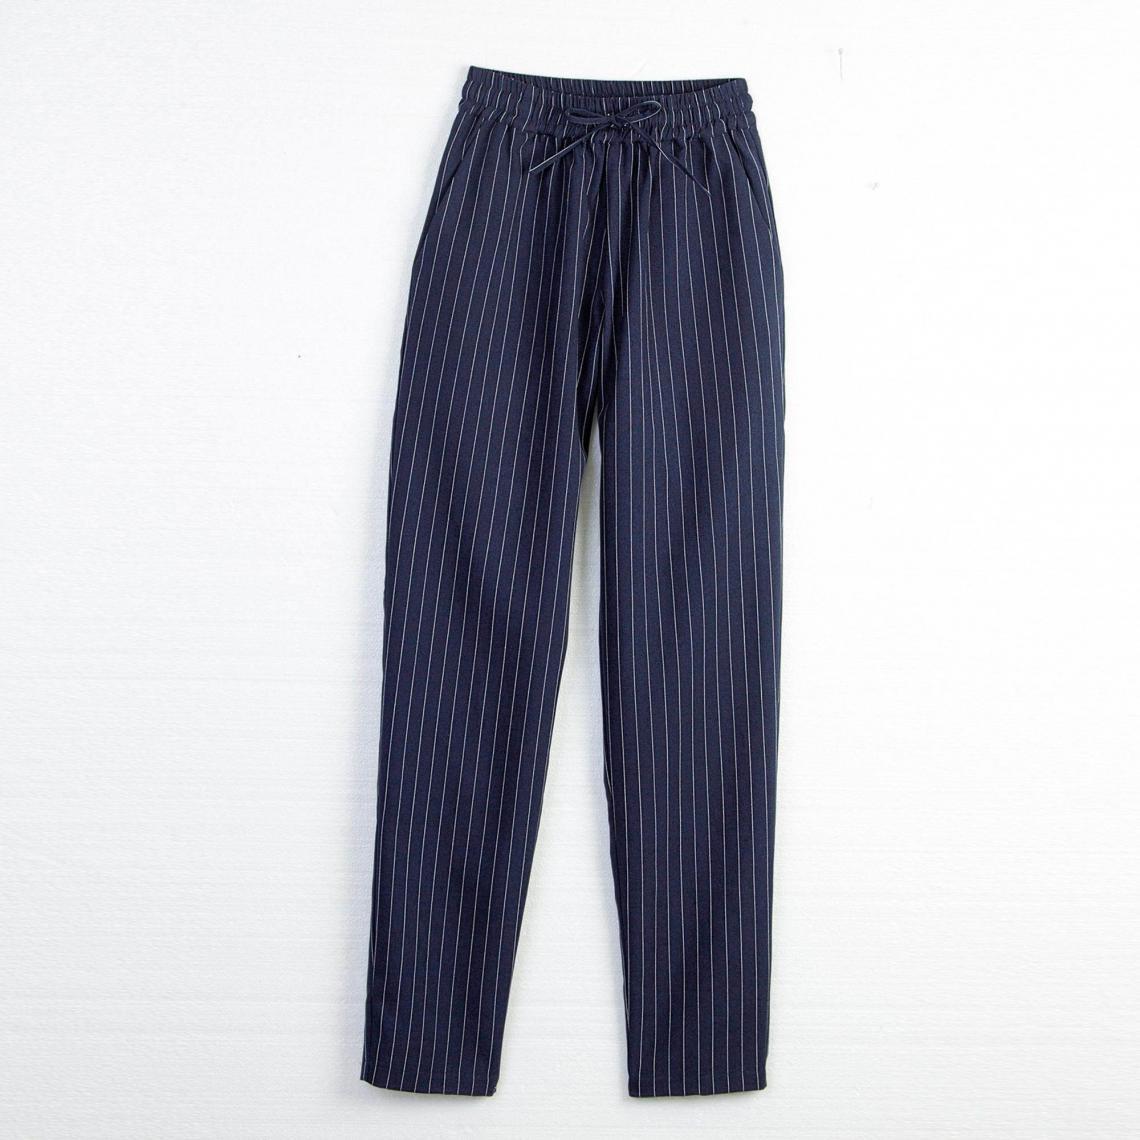 Pantalons Imprimes Femme 3 SUISSES